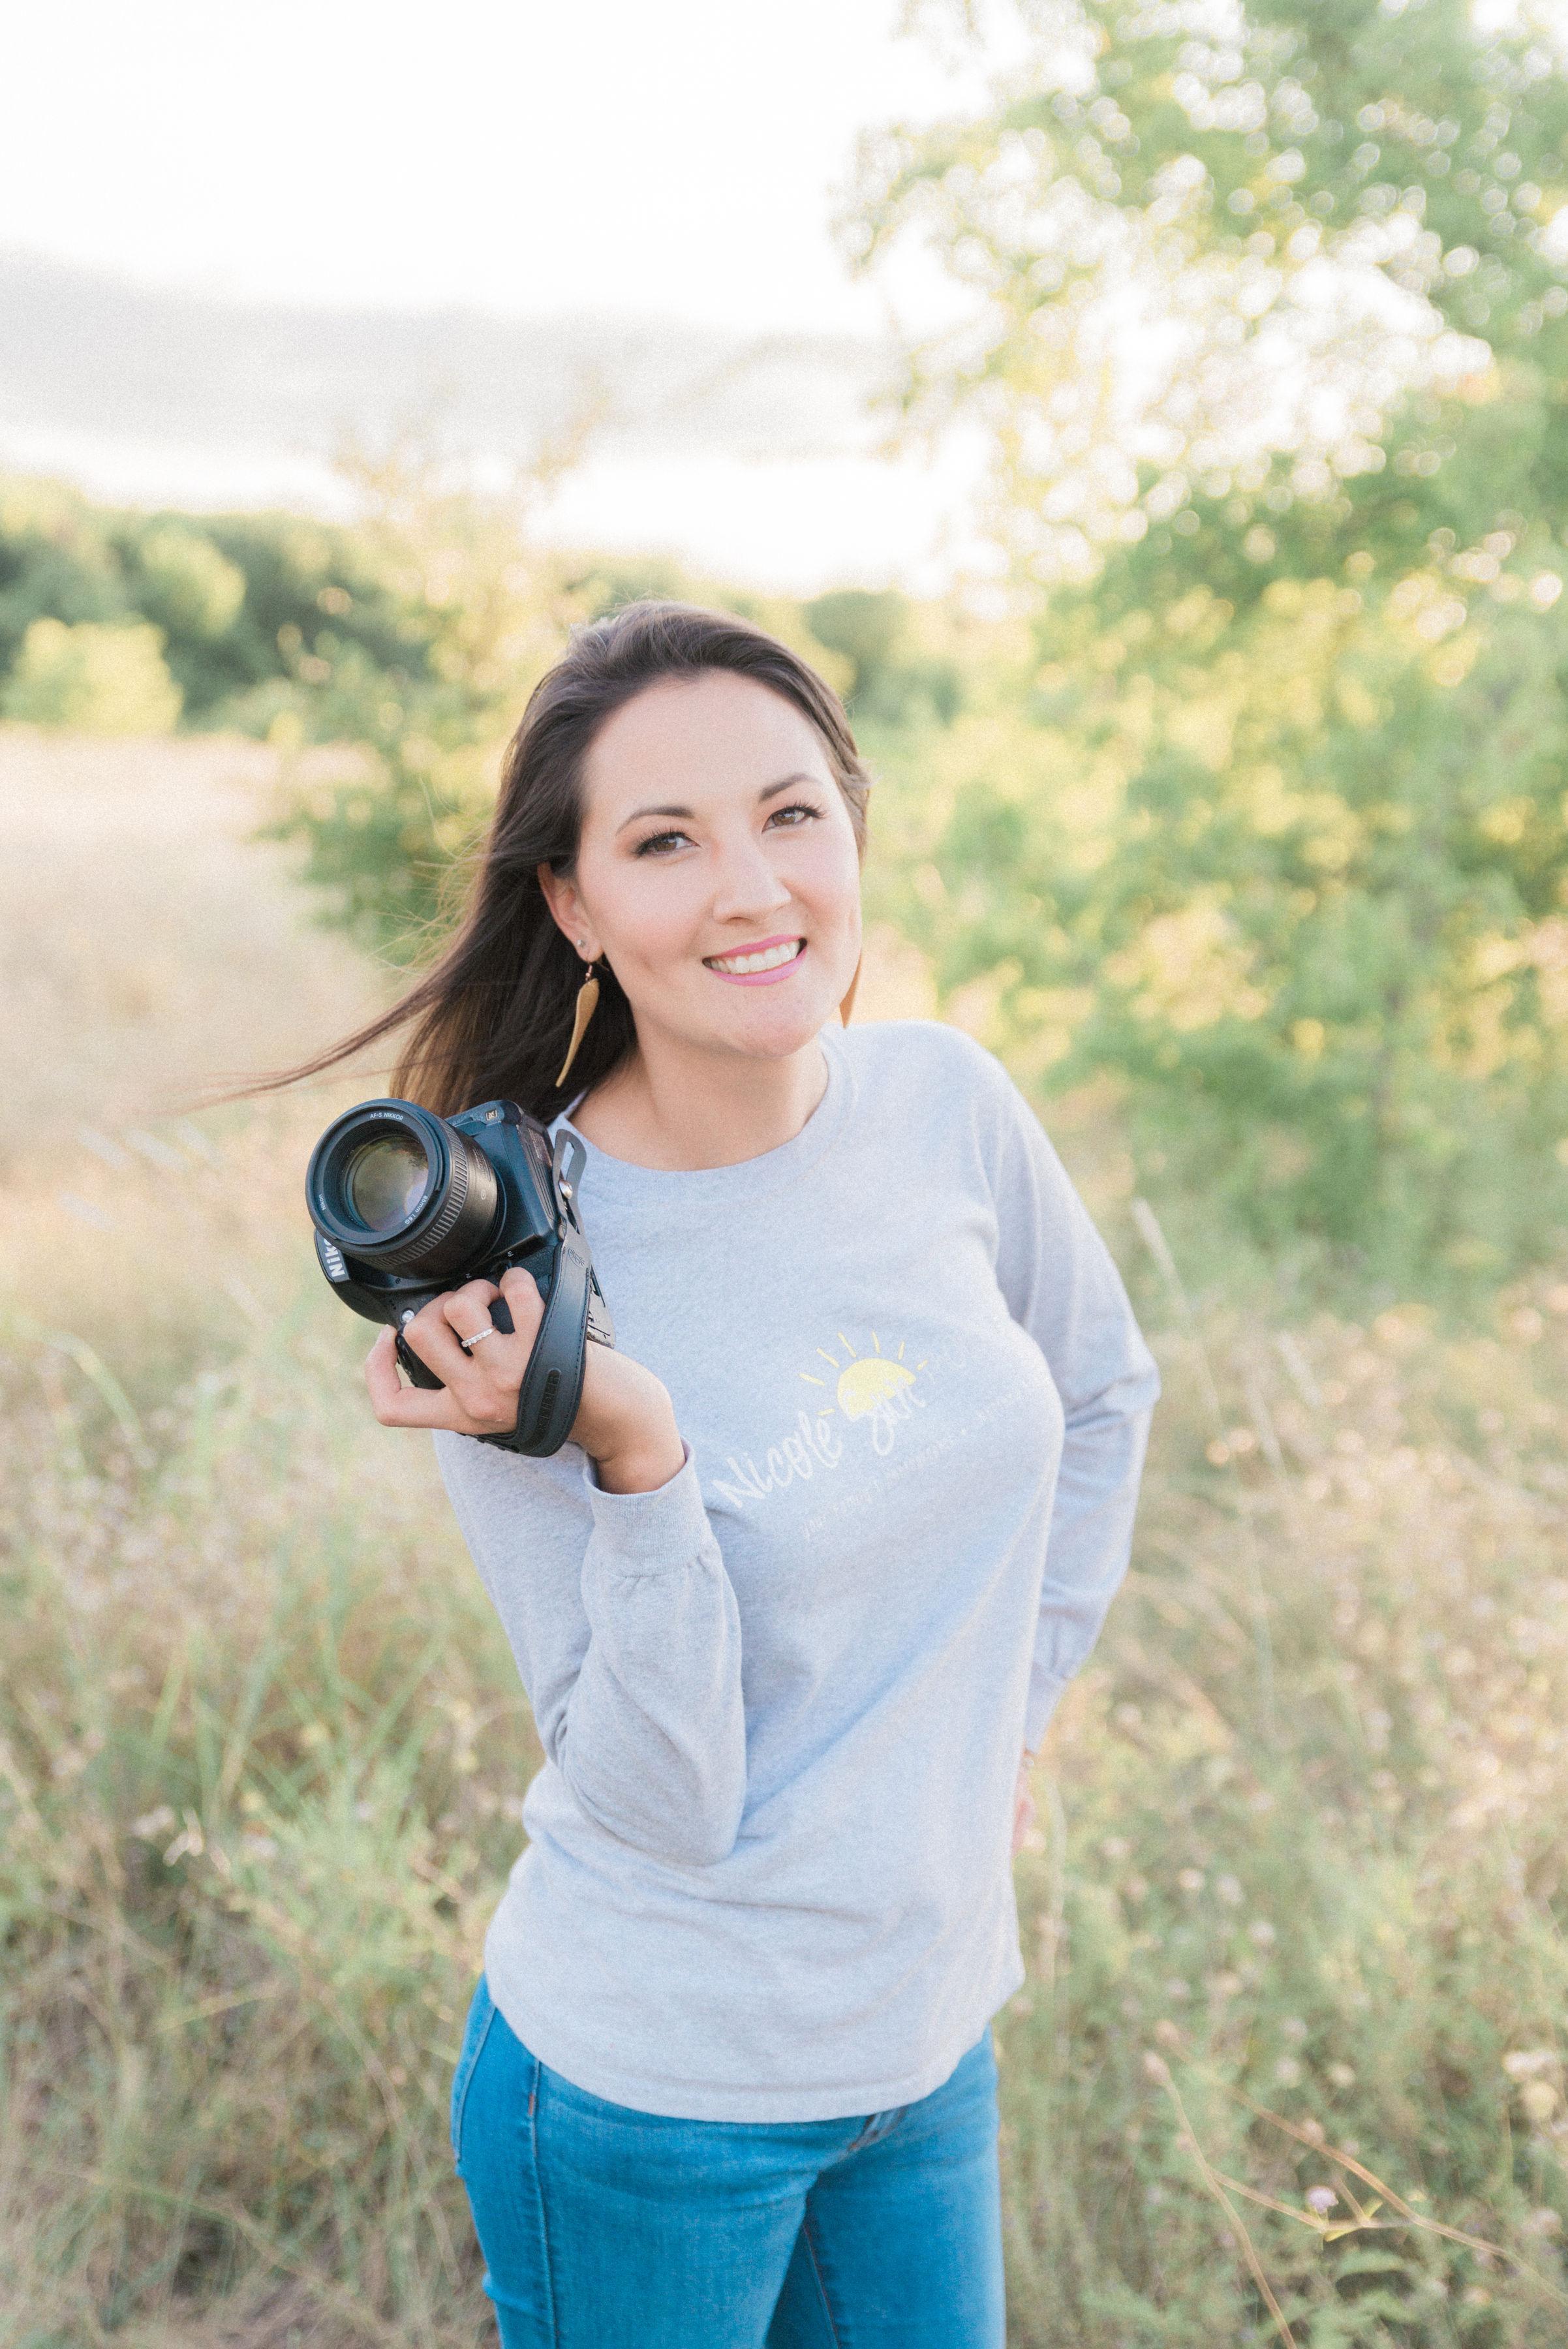 friscophotographer.jpg